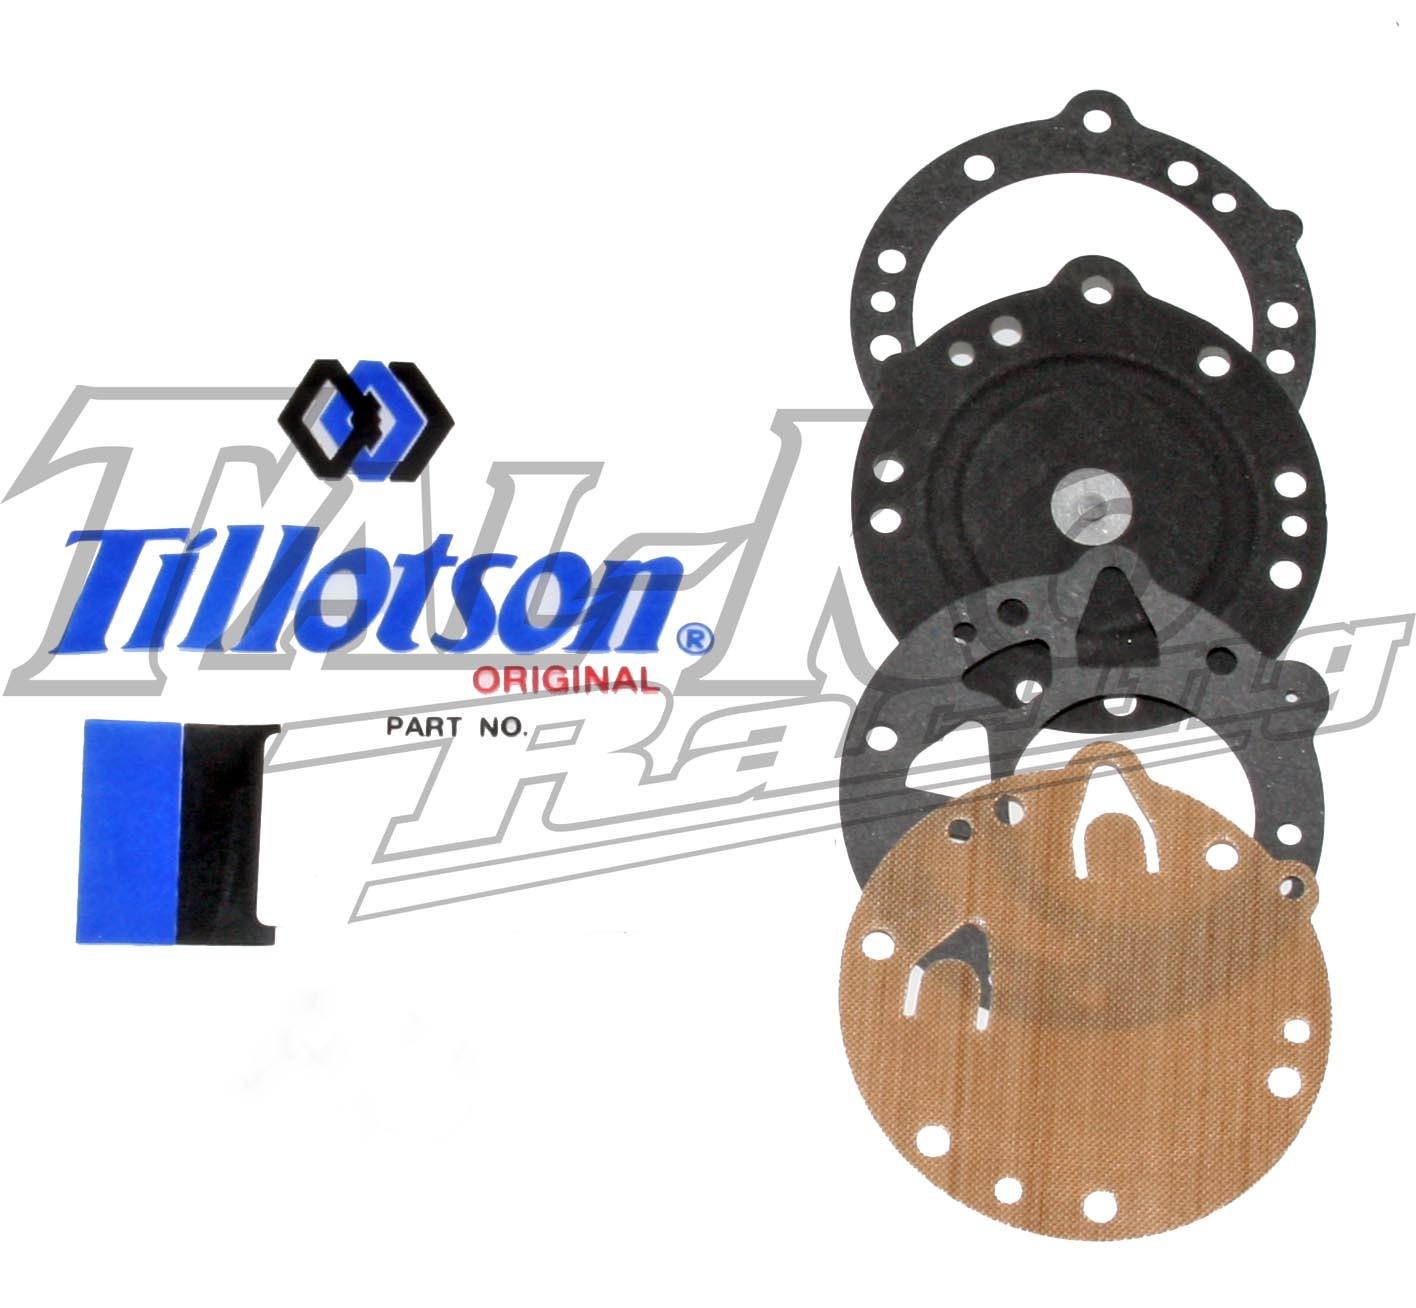 TILLOTSON HL CARB REPAIR KIT DG-1HL HALF